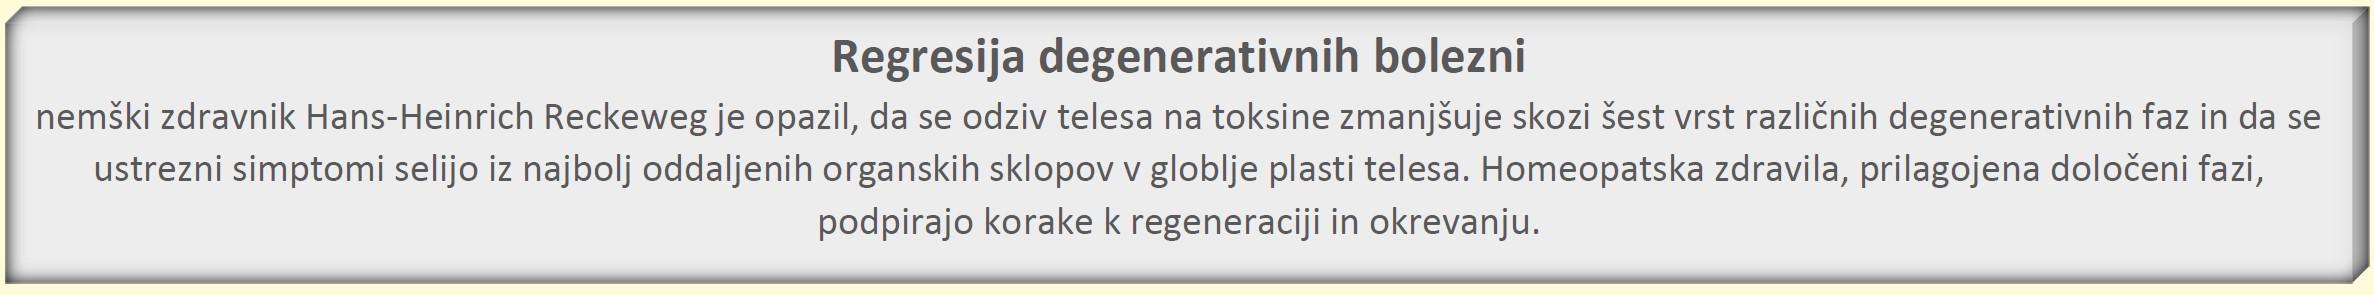 Regresija degenerativnih bolezni - NASLOV TABELE III